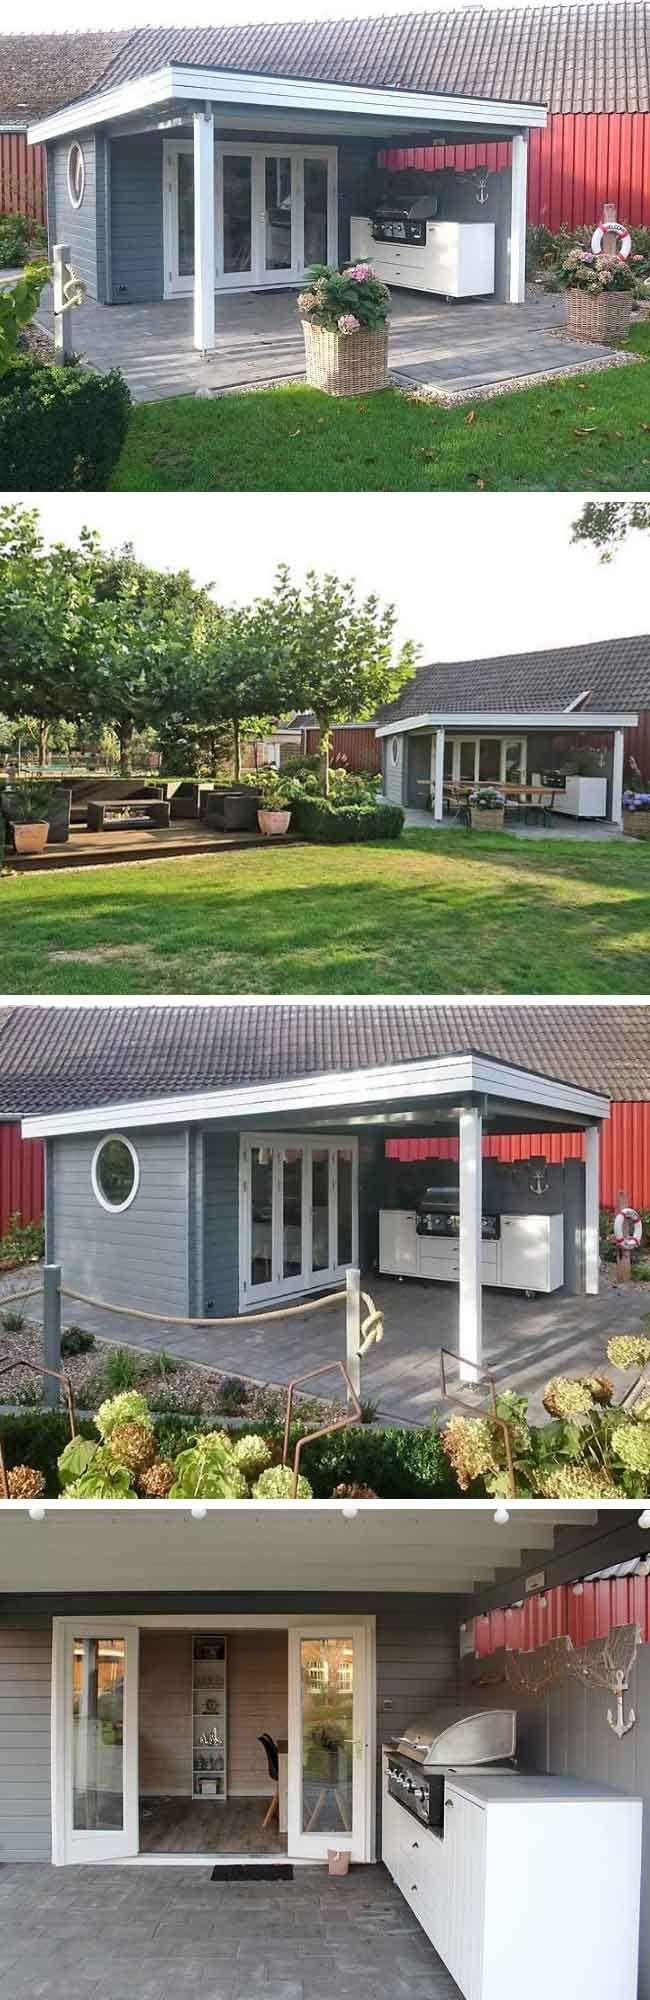 """Gartenhaus Einrichtung: Urlaub zuhause: Gartenhaus Holstein wird """"Sylt-Hütte"""" – GartenHaus GmbH"""